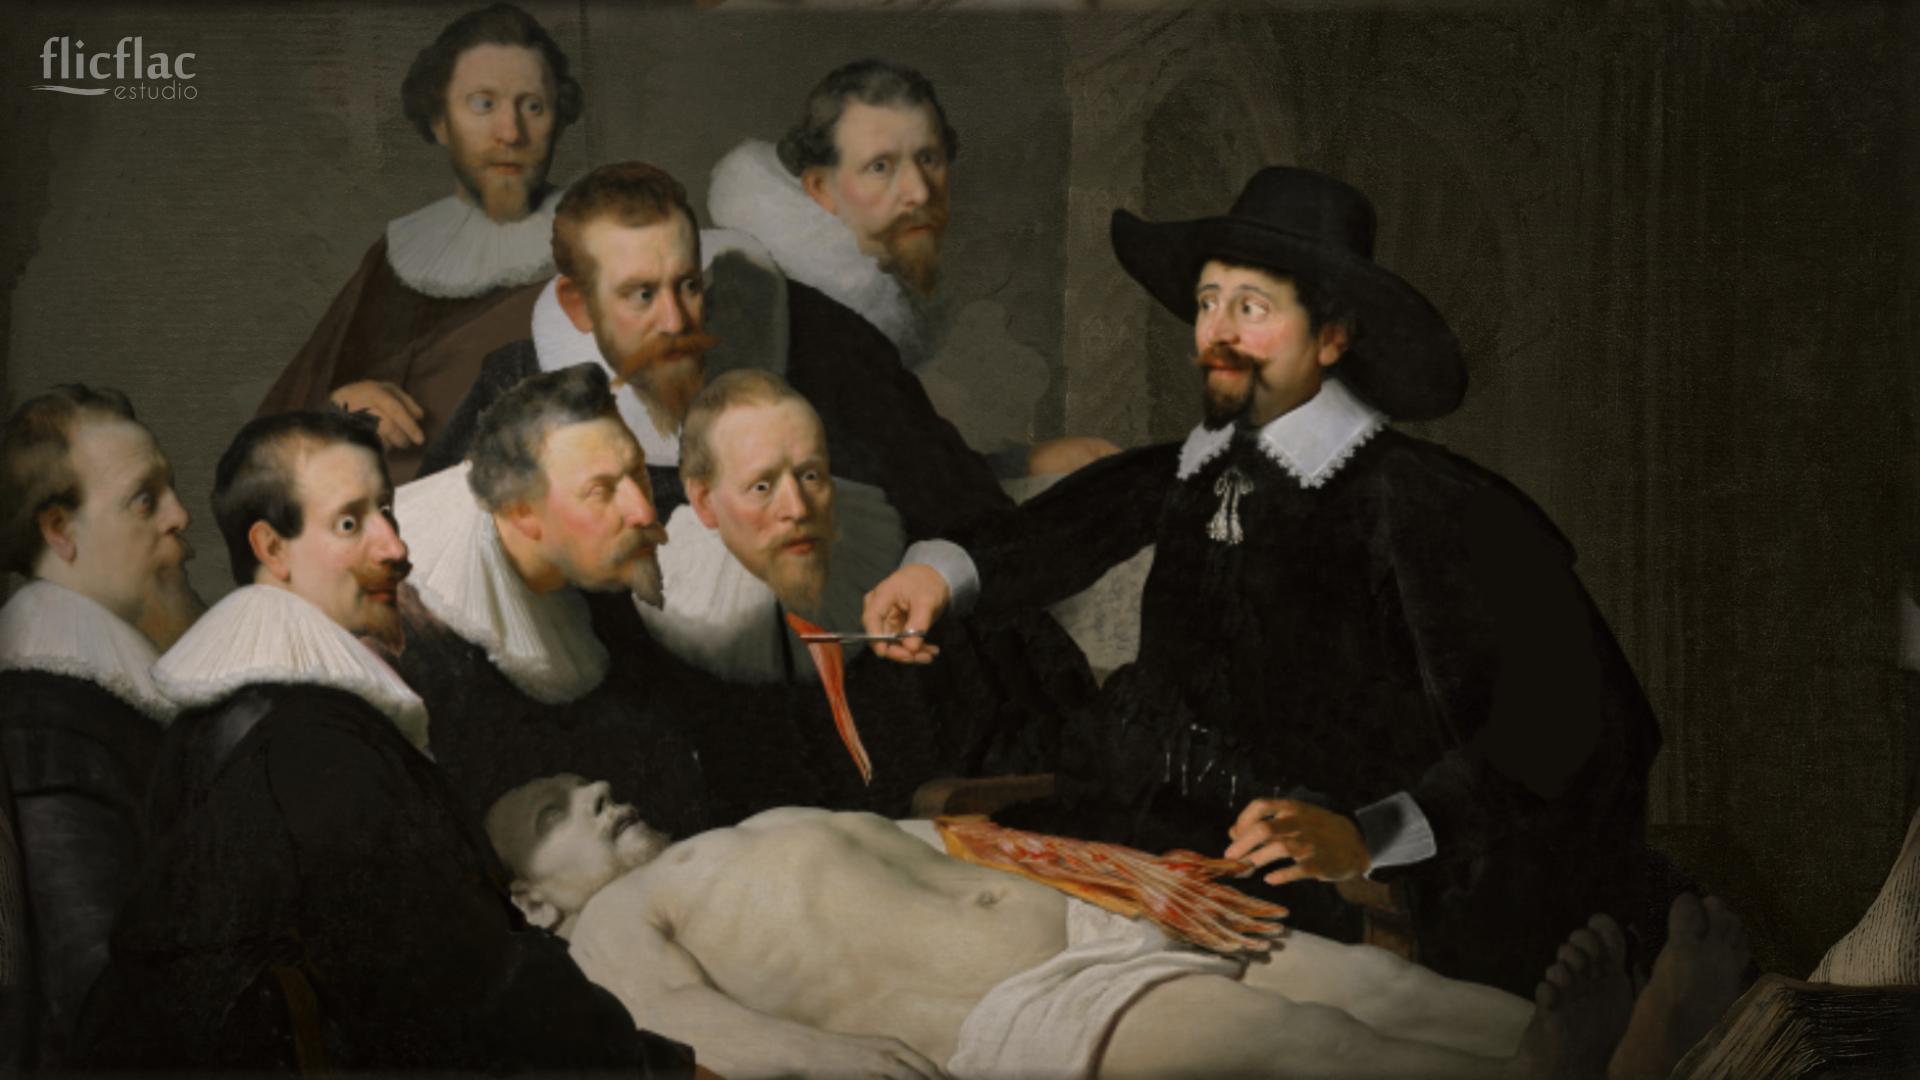 Rembrandt y flicflac estudio. (Lección de anatomía del Dr. Nicolaes ...